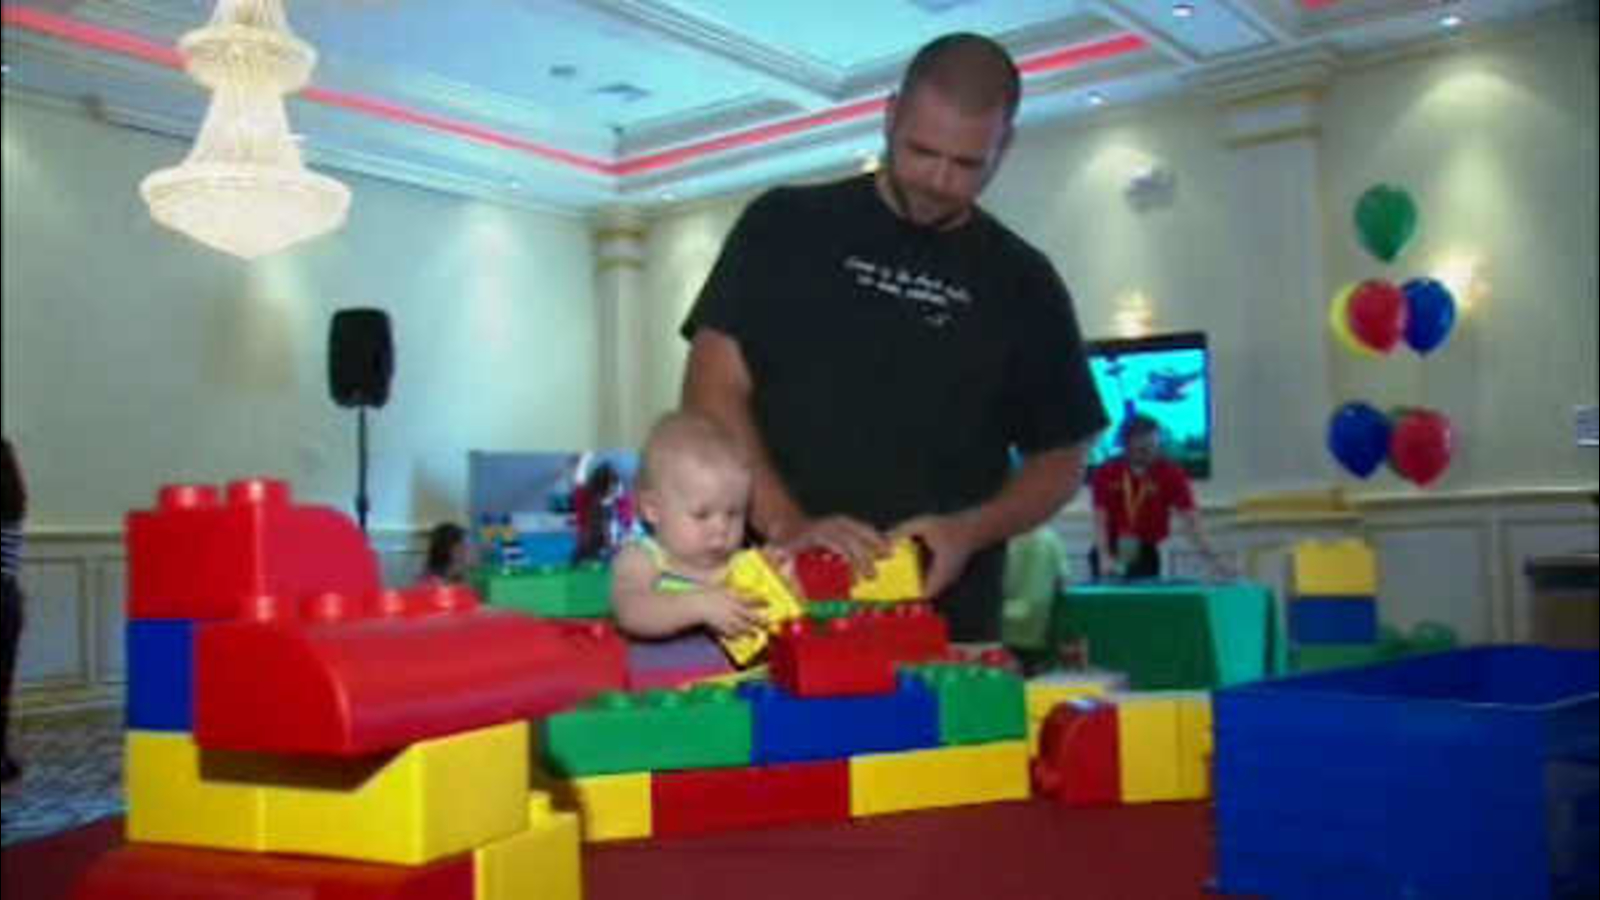 Legoland developers host open house in Goshen for new ...